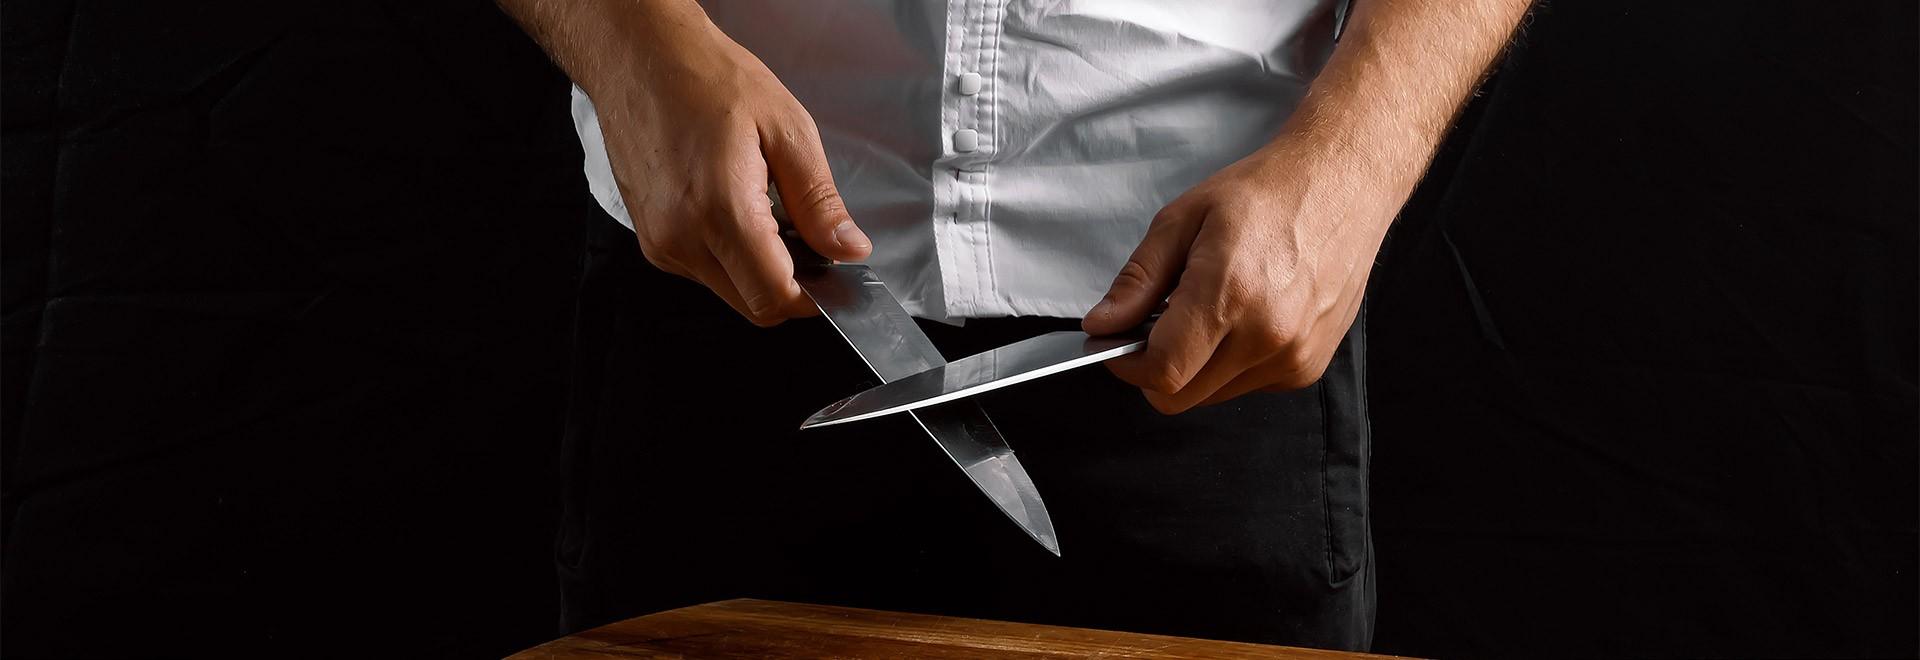 Affûtage des couteaux : chacun sa méthode